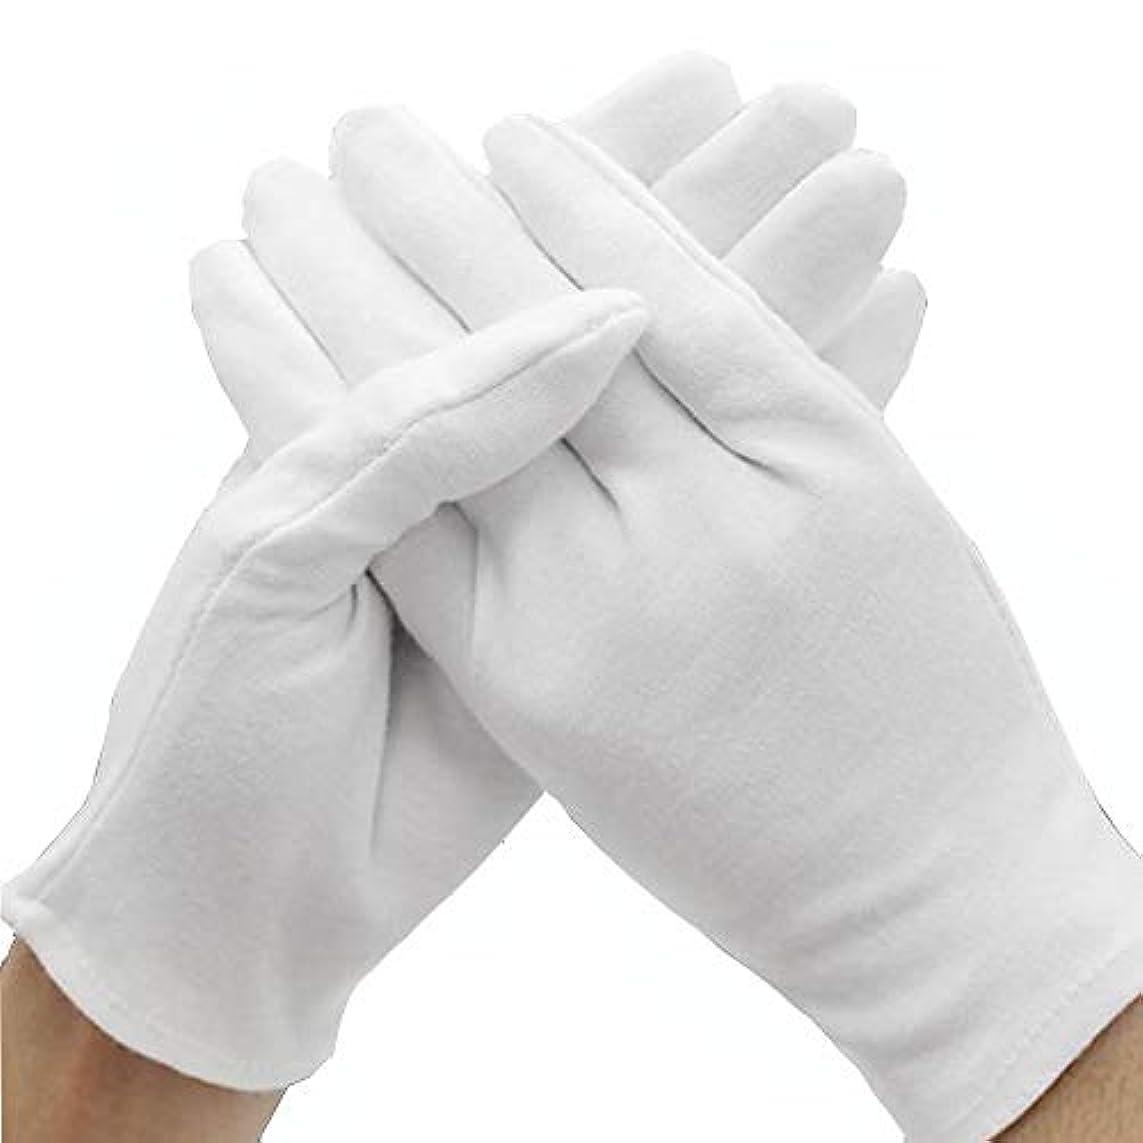 クッション騒々しいスーパーマーケットLezej インナーコットン手袋 白い手袋 綿手袋 衛生手袋 コットン手袋 ガーデニング用手袋 作業手袋 健康的な手袋 環境保護用手袋(12組) (M)